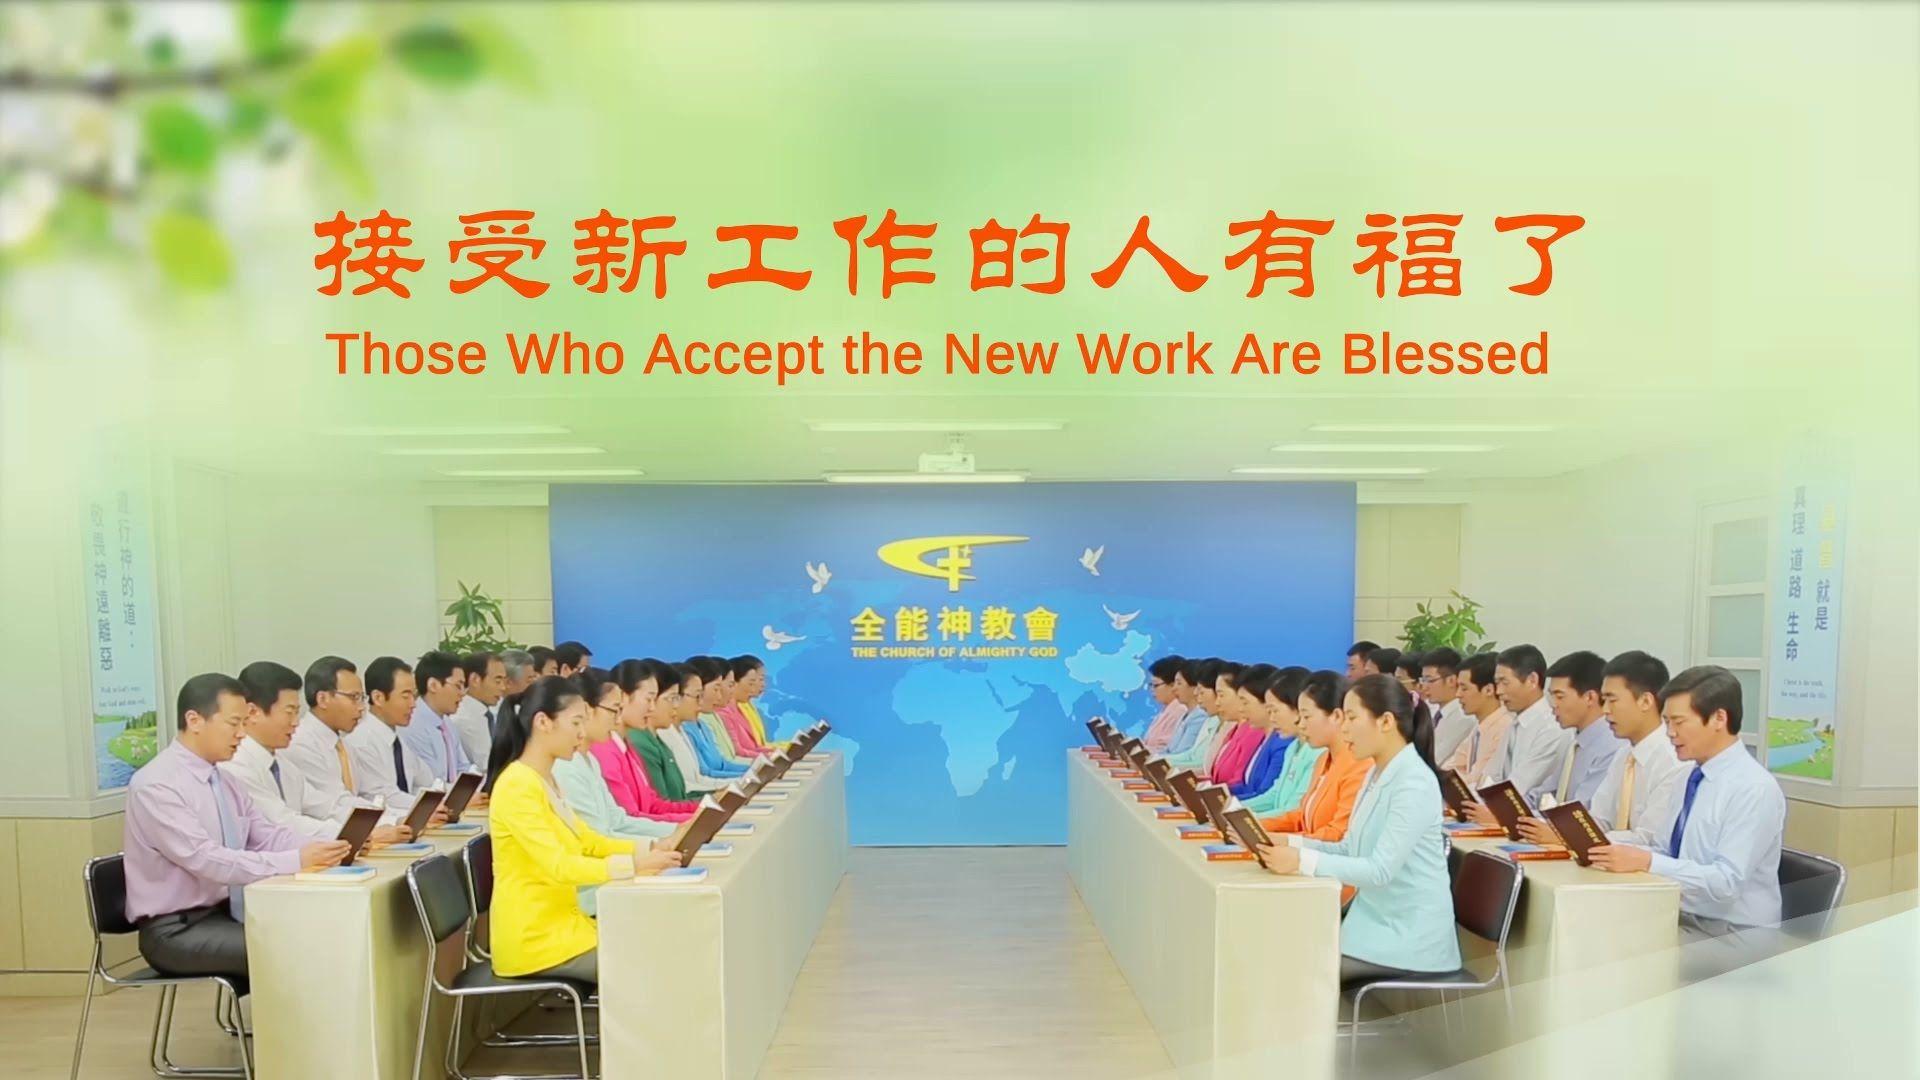 【東方閃電】全能神教會神話詩歌《接受新工作的人有福了》